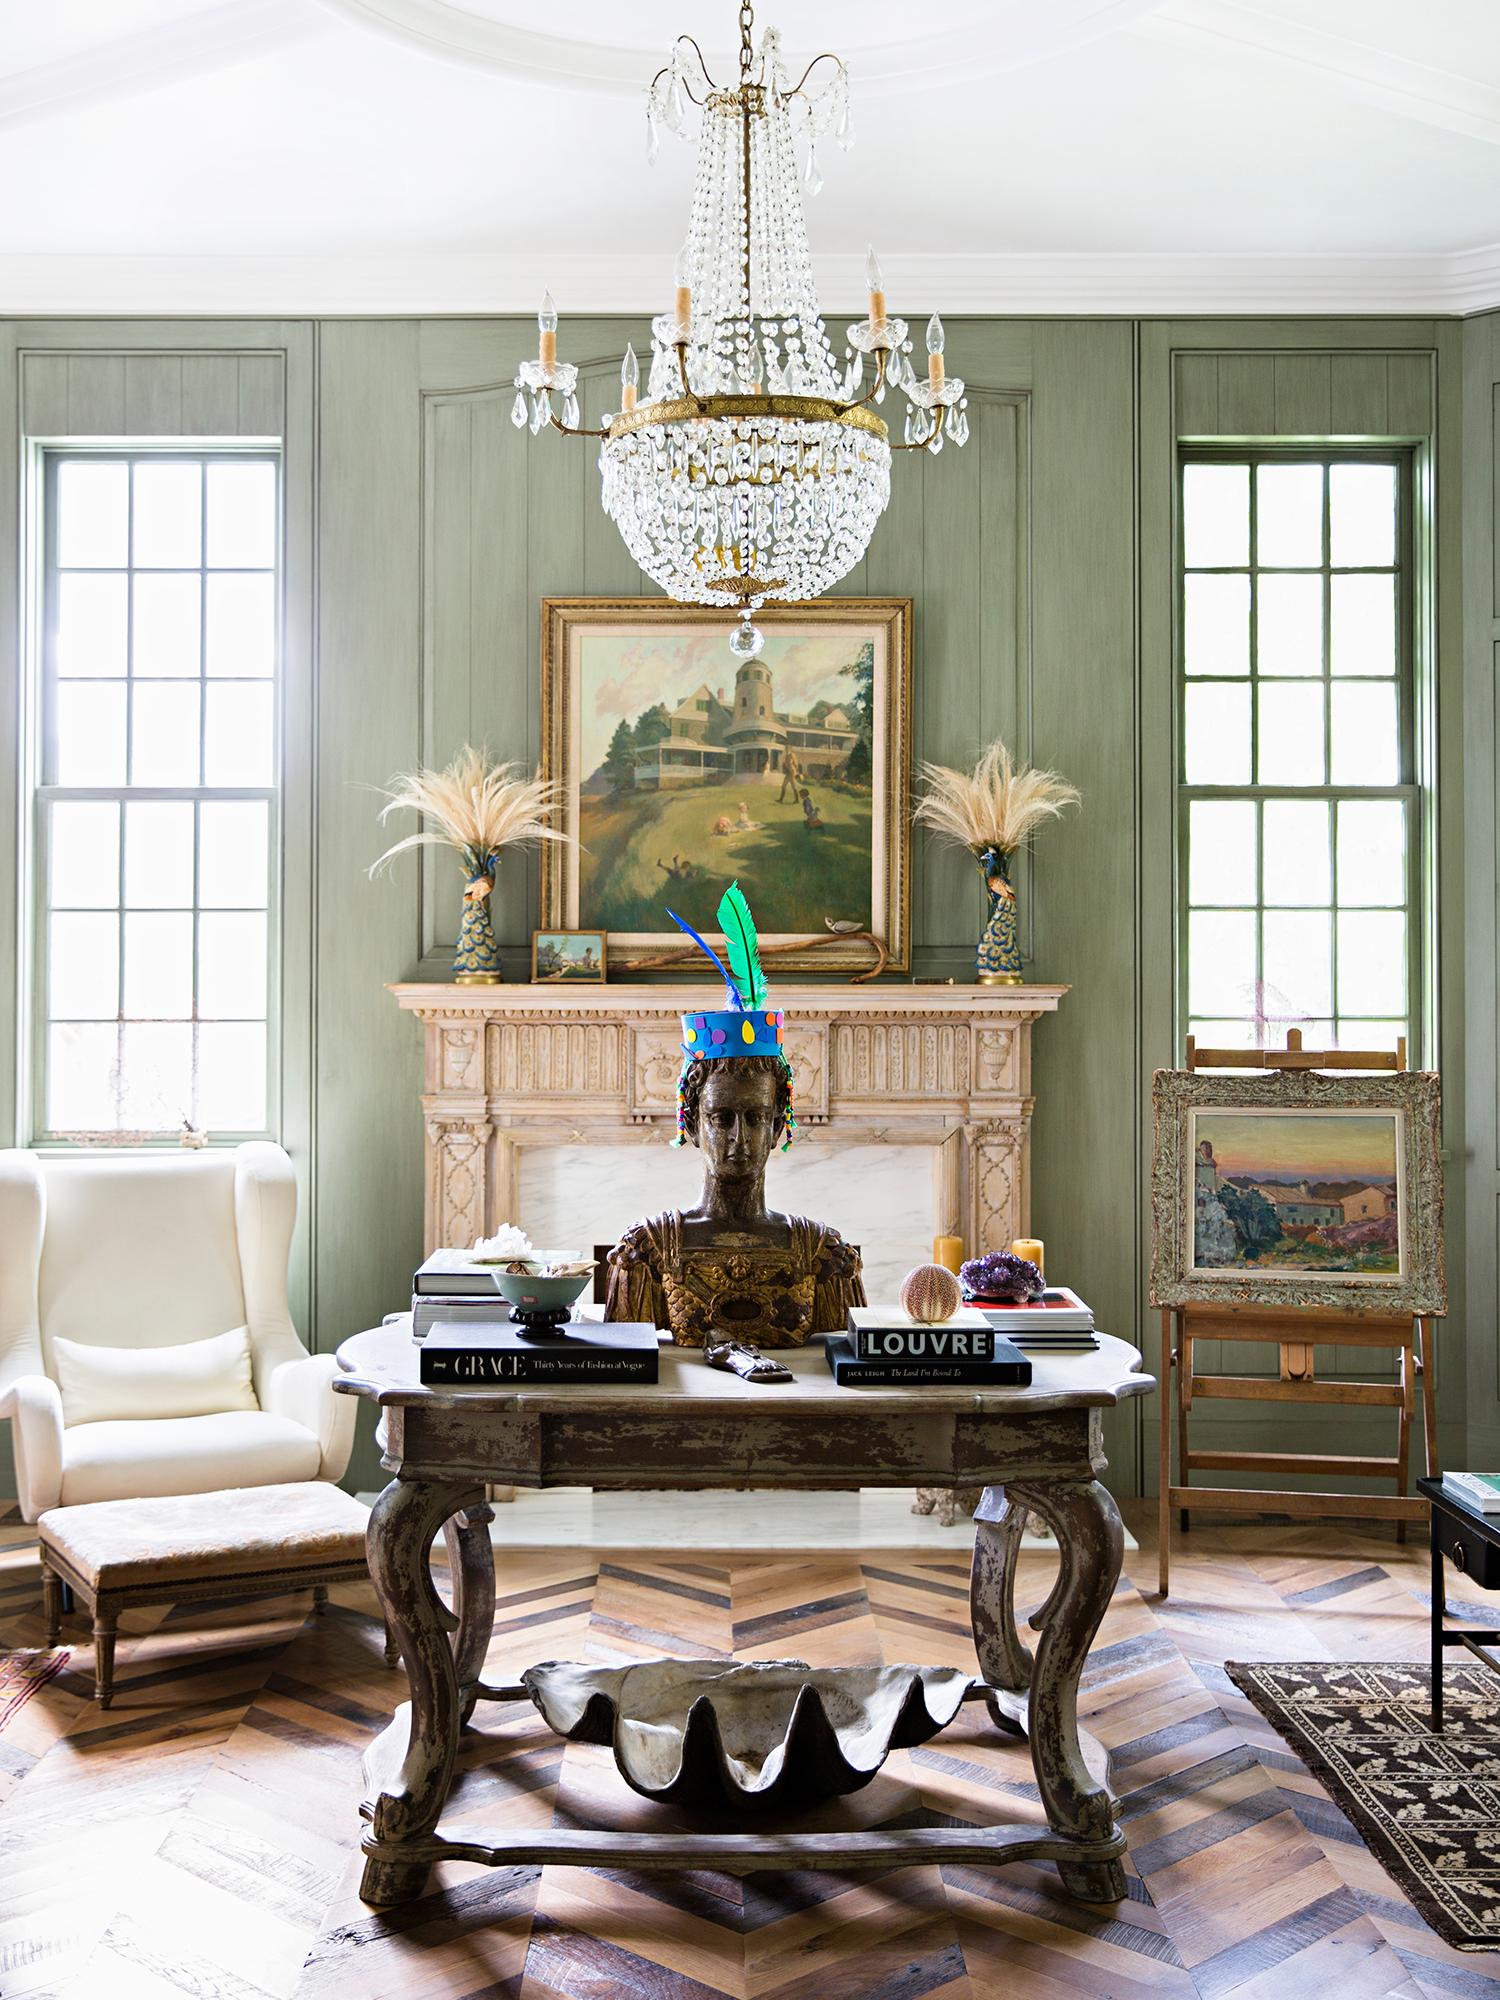 Interior Design by Michelle R. Smith